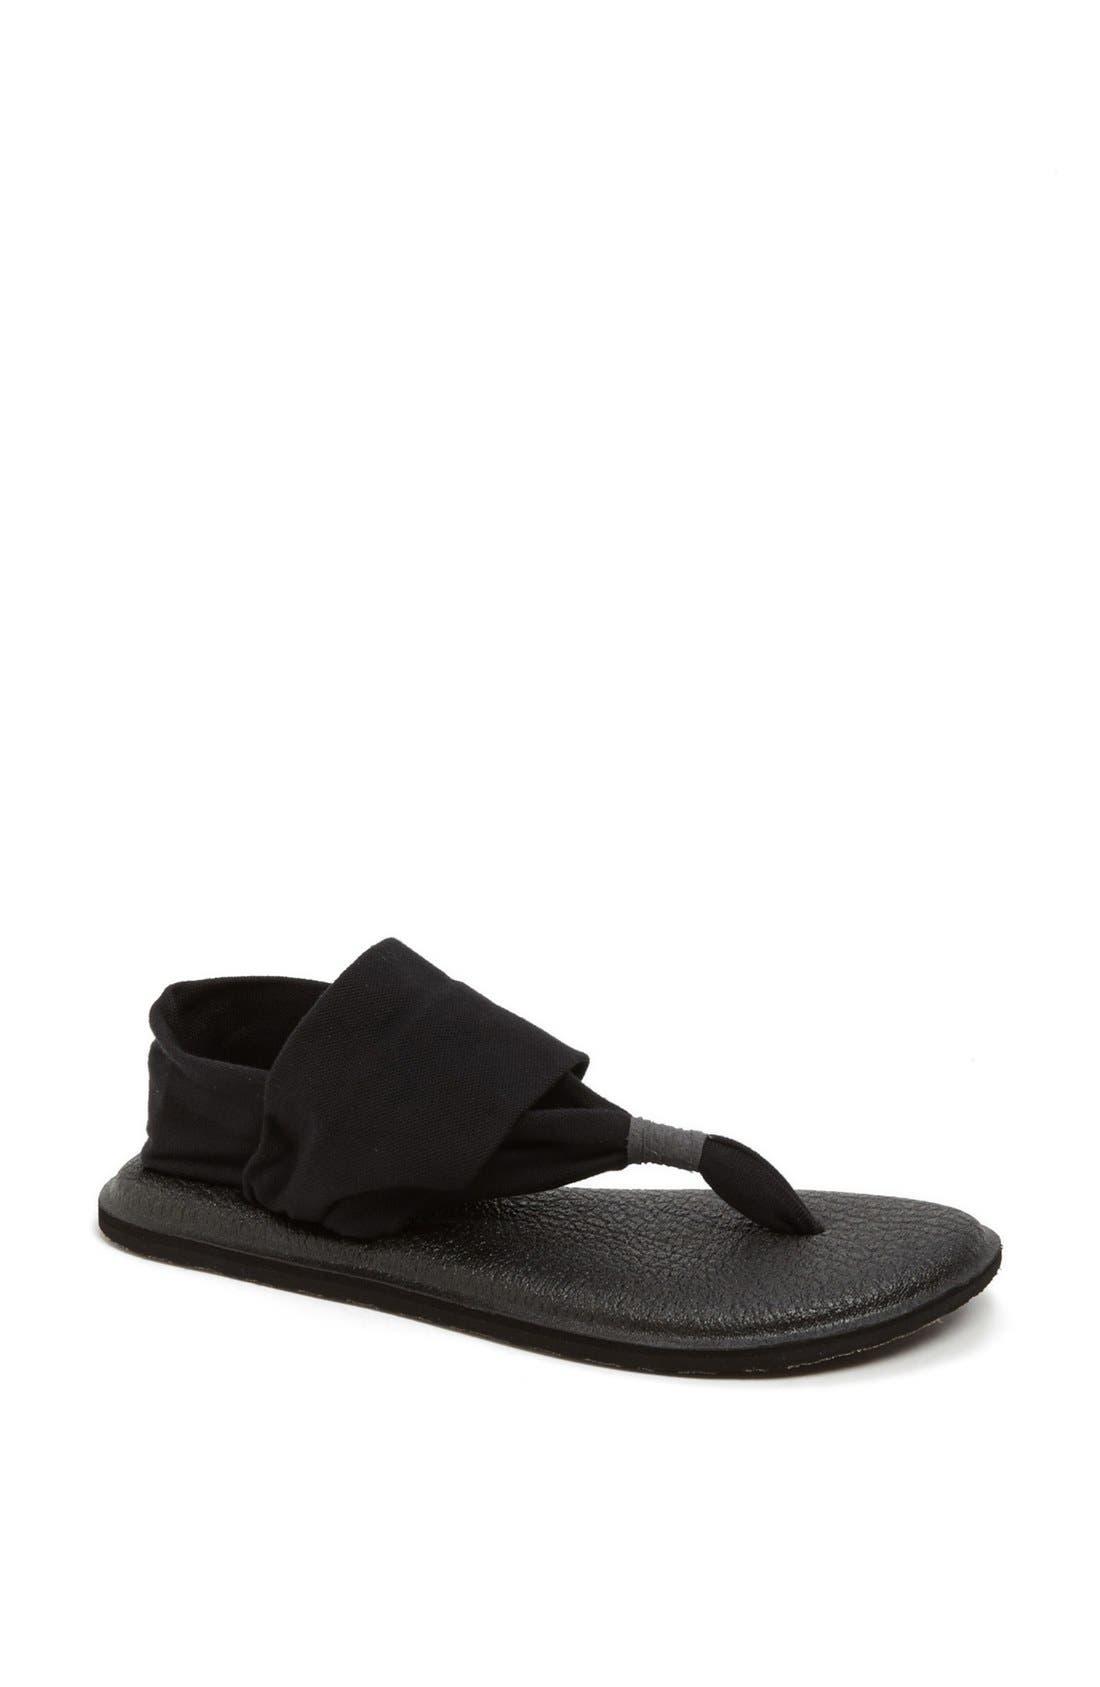 'Yoga Sling 2' Sandal,                             Main thumbnail 1, color,                             BLACK